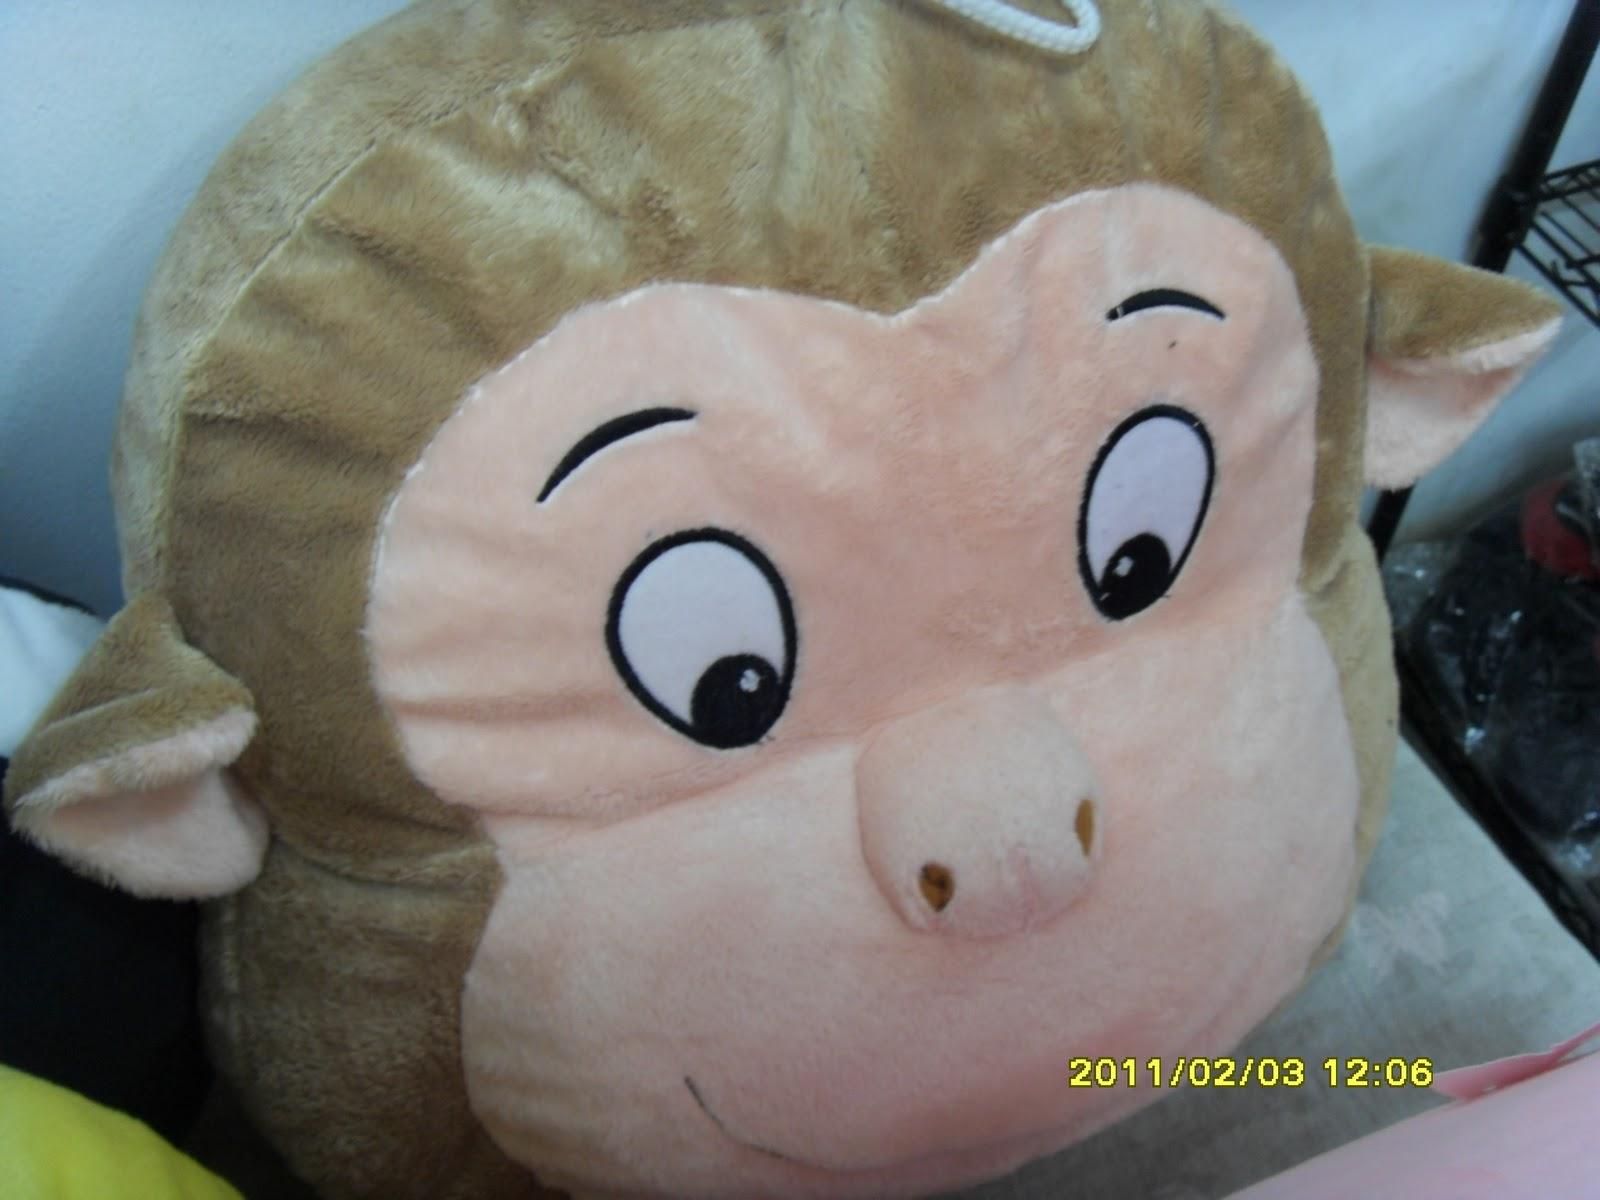 PURI BONEKA Aneka Boneka Bantal Berbentuk Kepala Binatang Yg Lucu